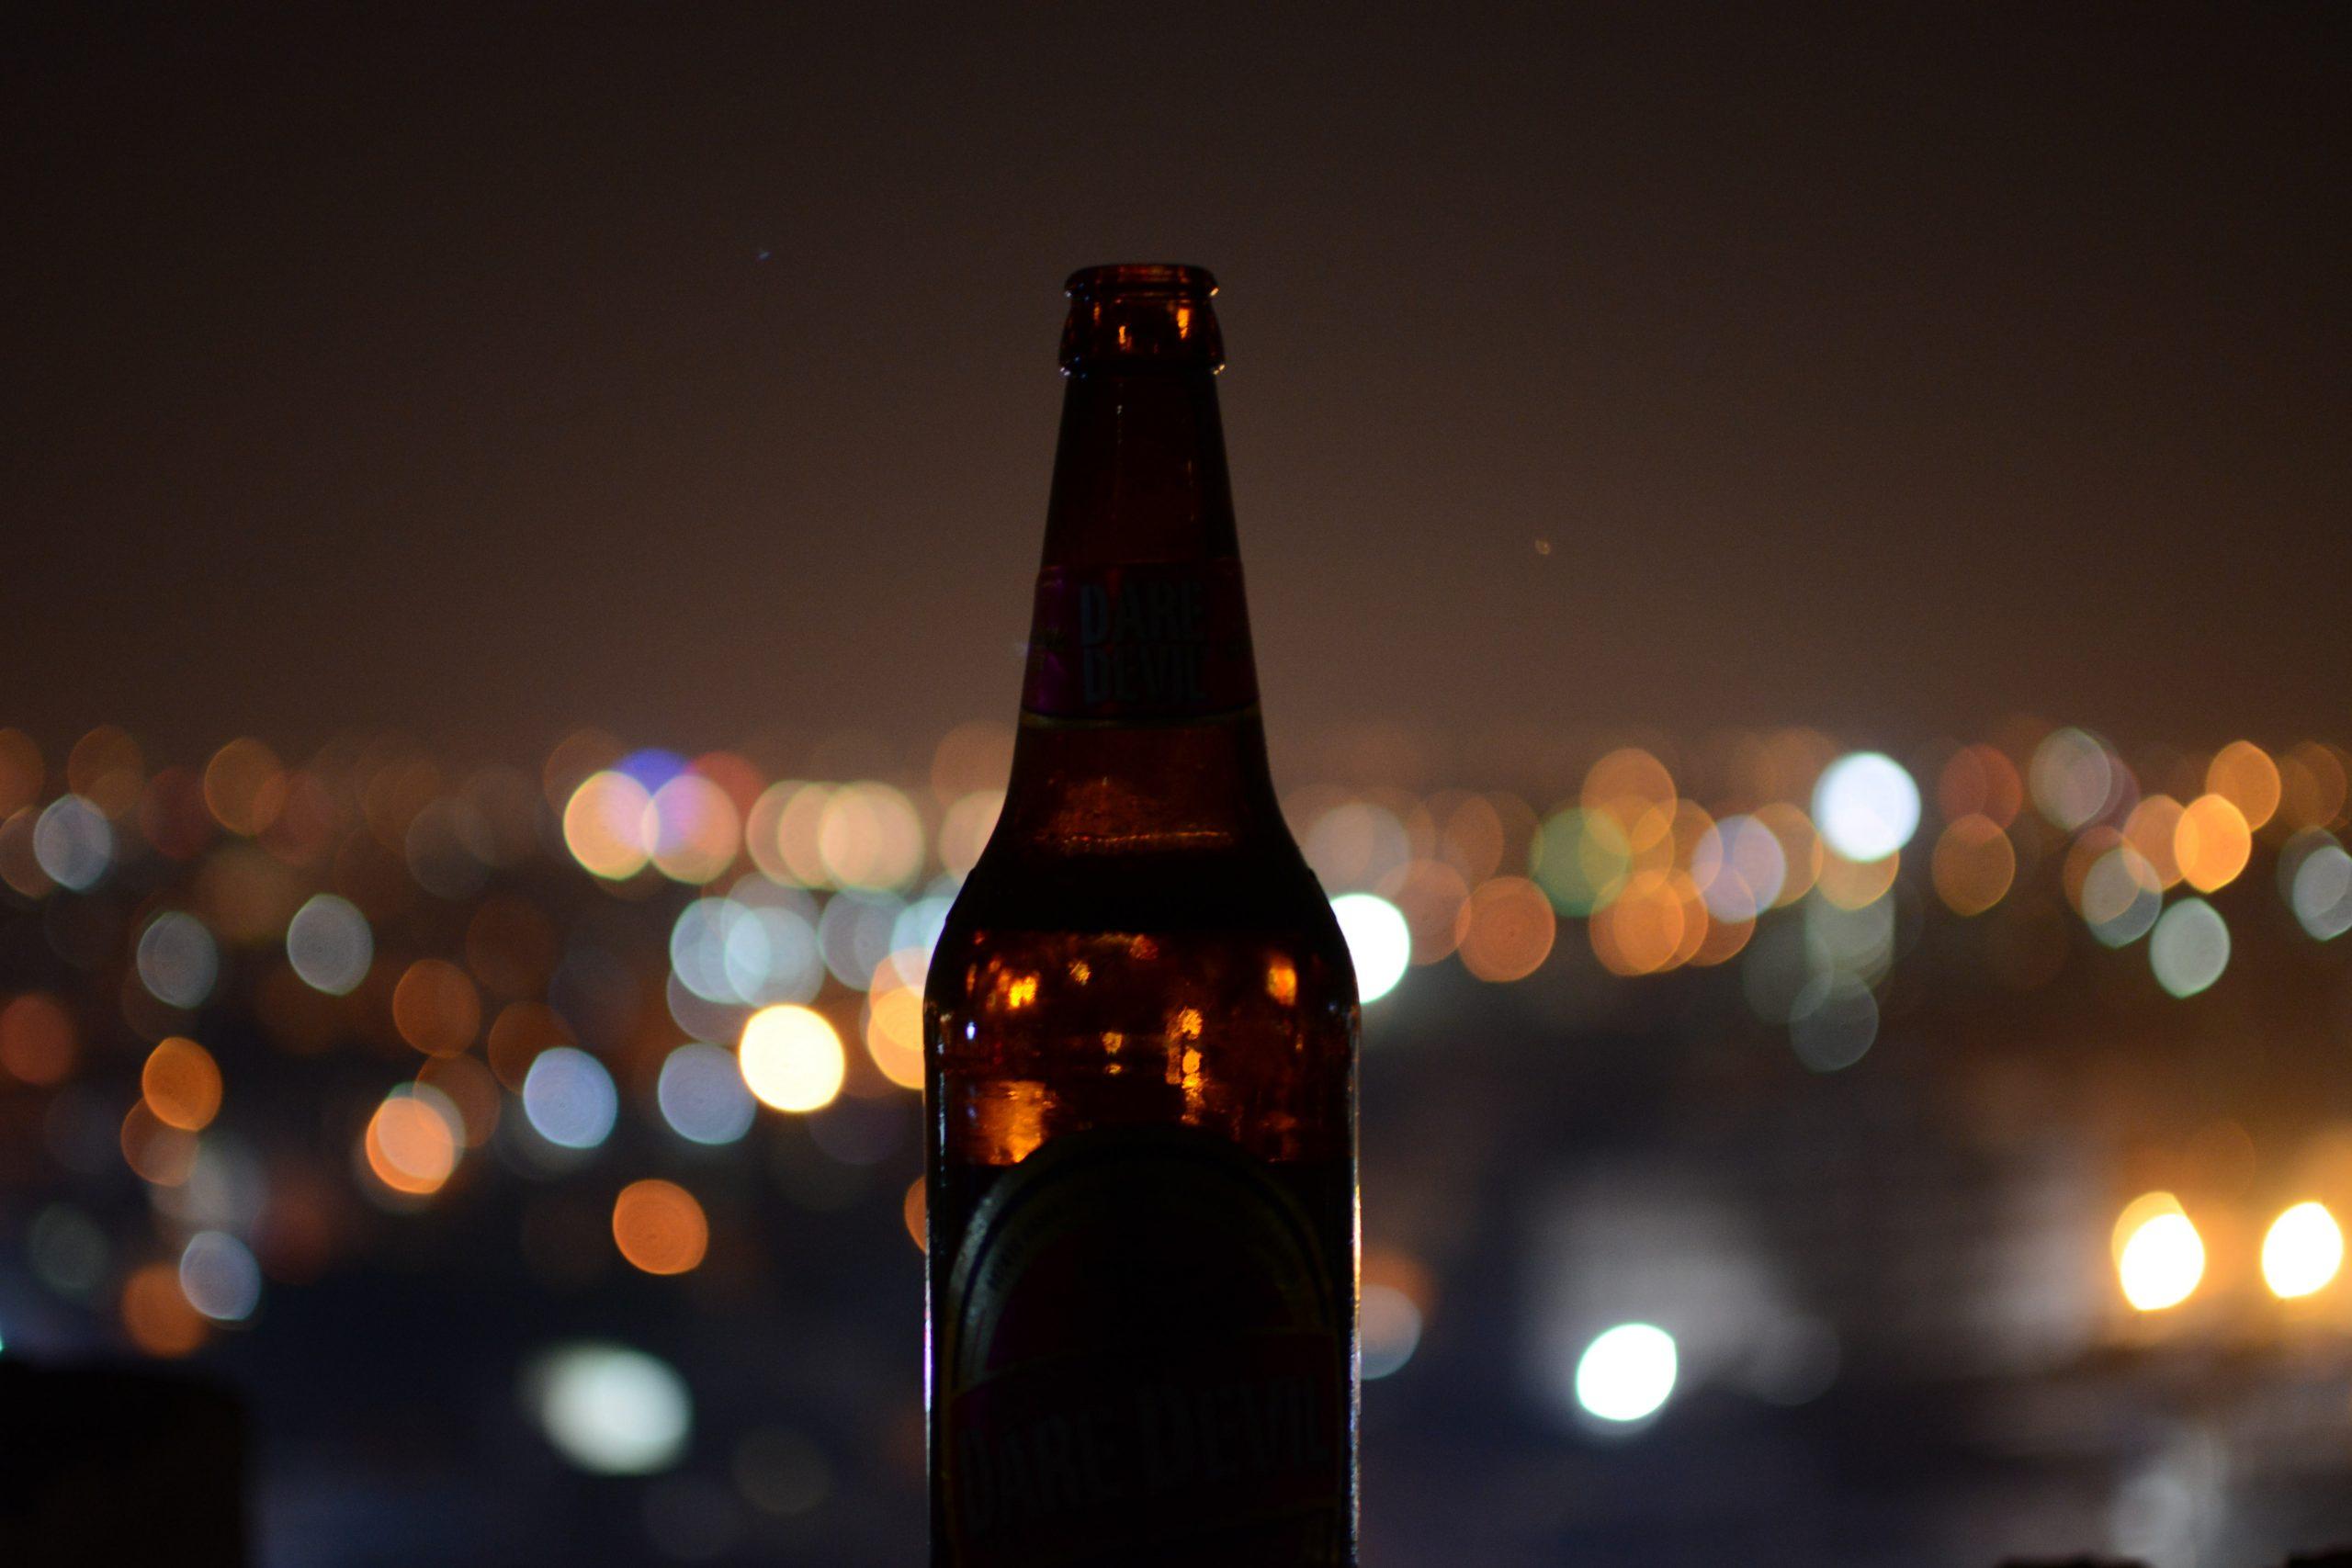 mesto v pozadí prázdnej fľašky